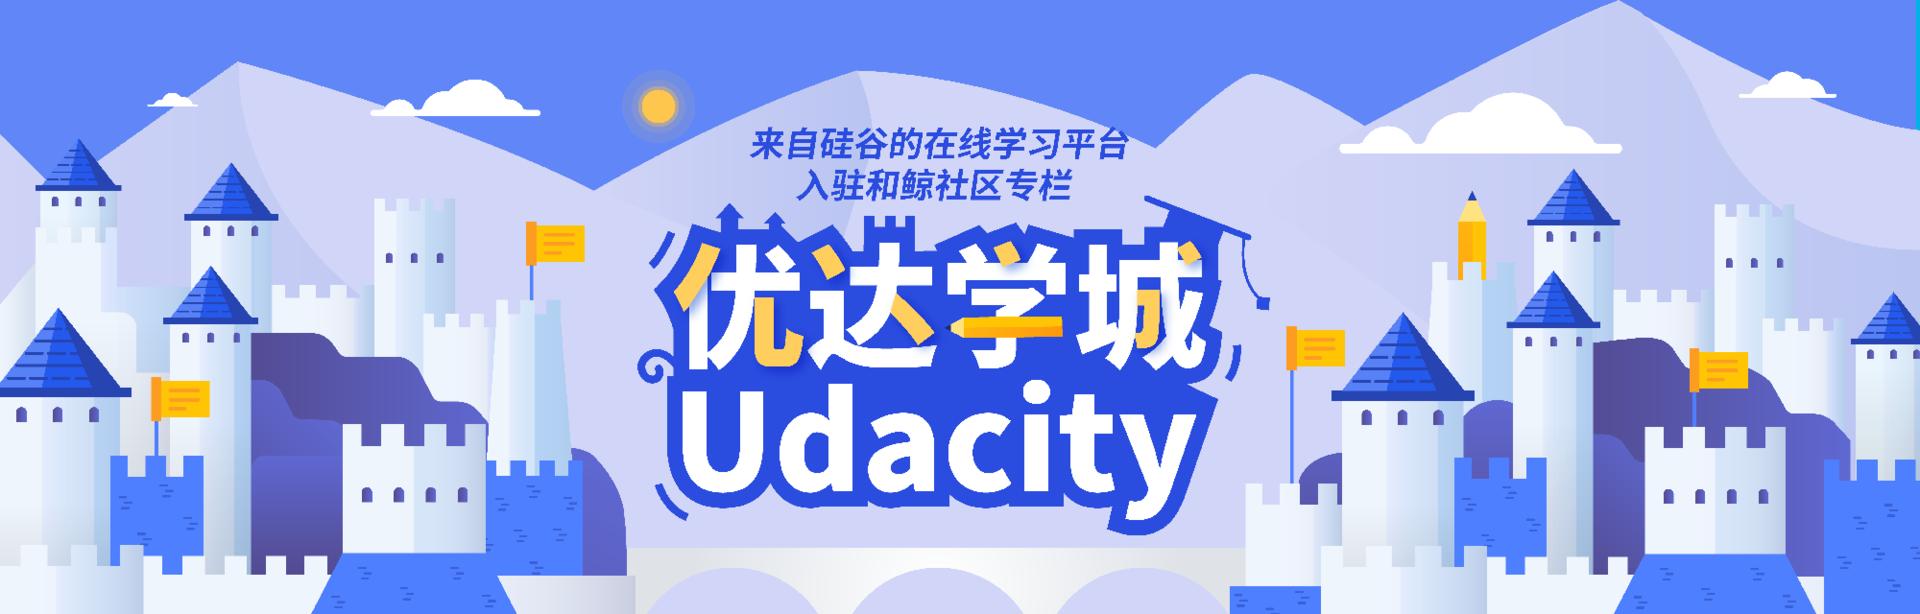 专栏 | 优达学城Udacity正式入驻和鲸社区,超多干货等着你